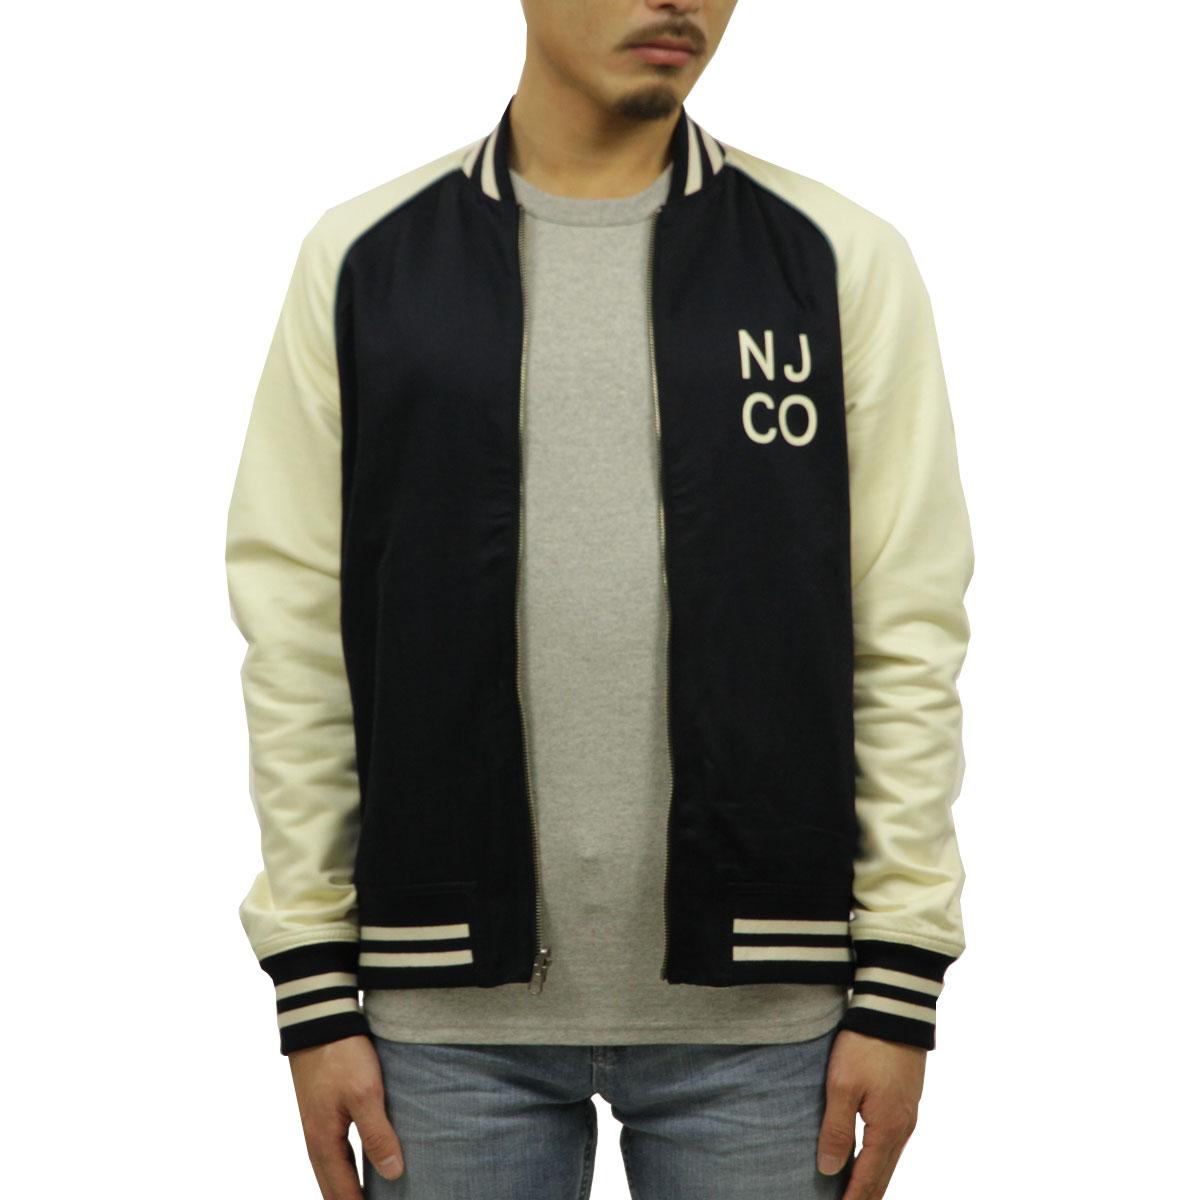 ヌーディージーンズ アウター メンズ 正規販売店 Nudie Jeans ジャケット スタジアムジャケット スタジャン MARK BASEBALL JACKET OFFWHITE/NAVY W19 160619 5020